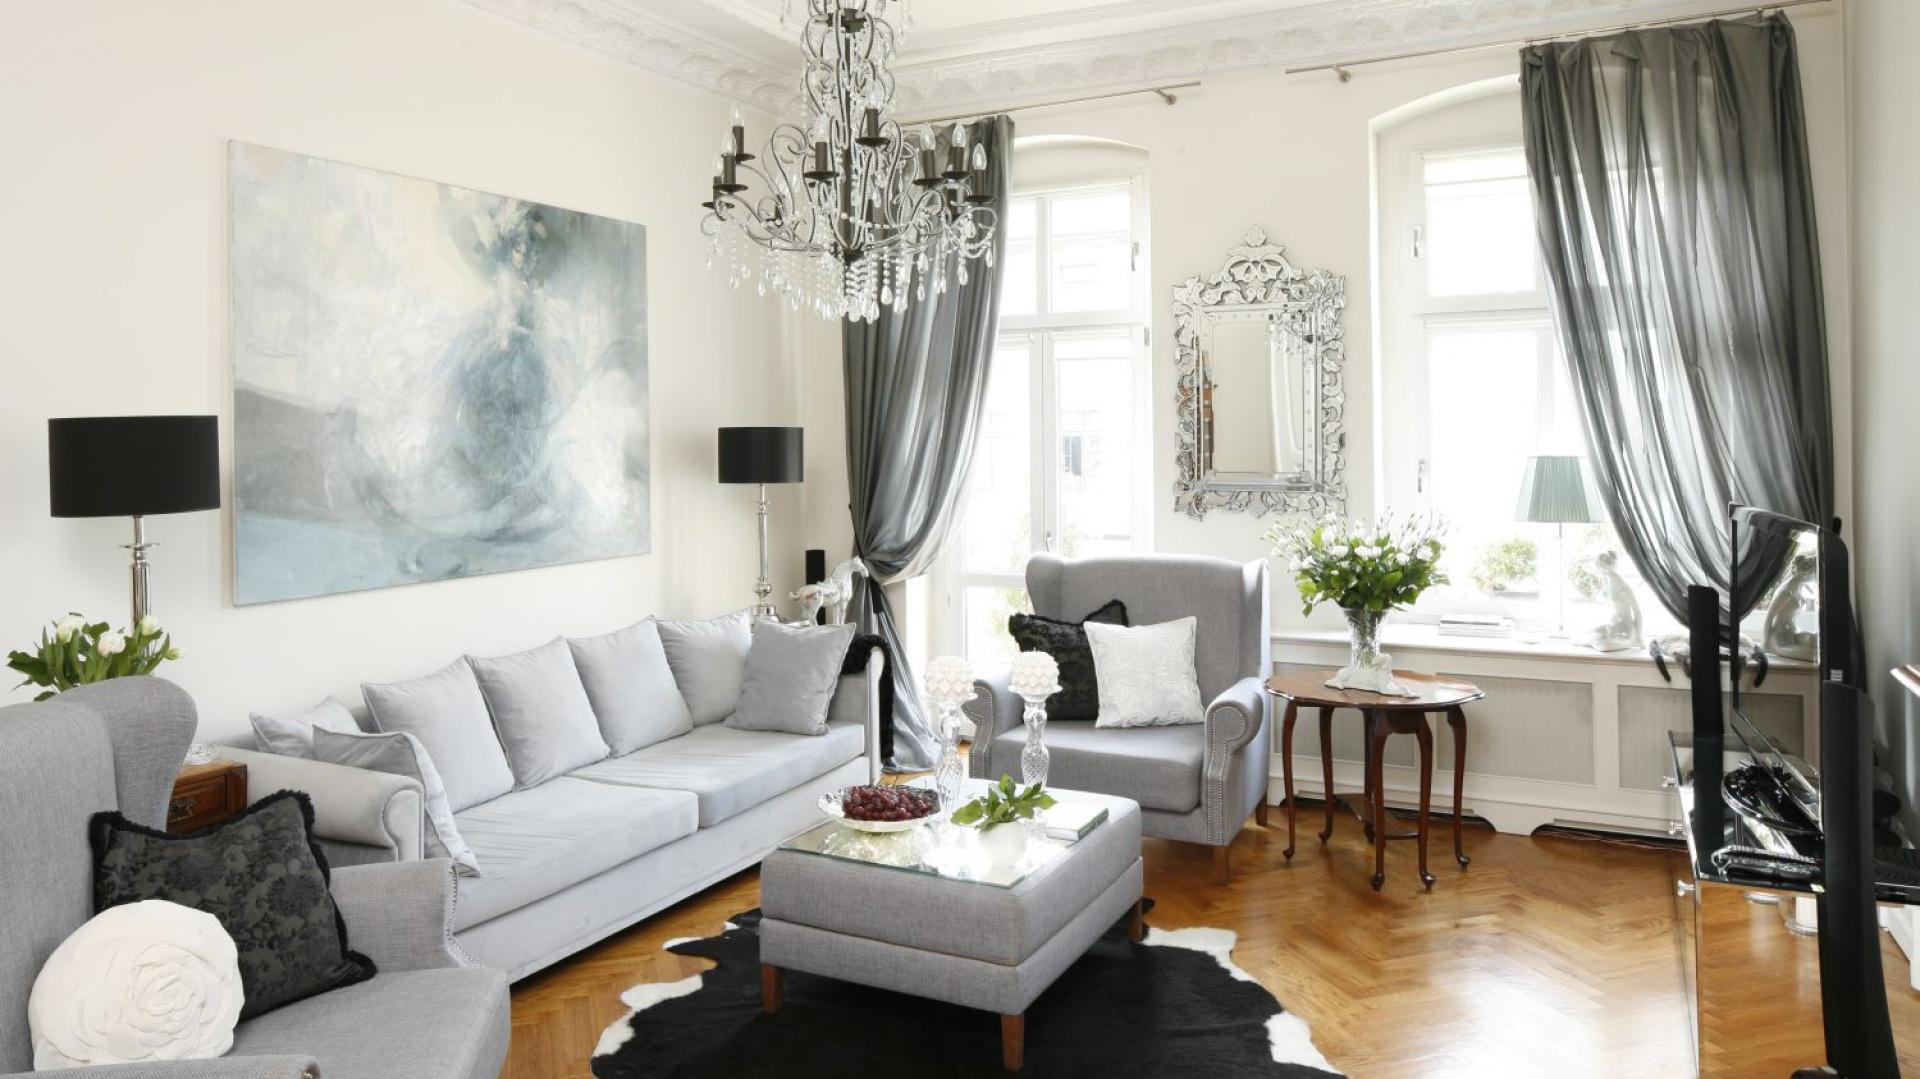 Elegancki salon w klasycznym stylu urządzono w biało-czarno-szarej kolorystyce ocieplonej drewnianą podłogą. Kryształowy żyrandol i zdobne sztukaterie idealnie wpisują się w klimat pomieszczenia. Projekt: Iwona Kurkowska. Fot. Bartosz Jarosz